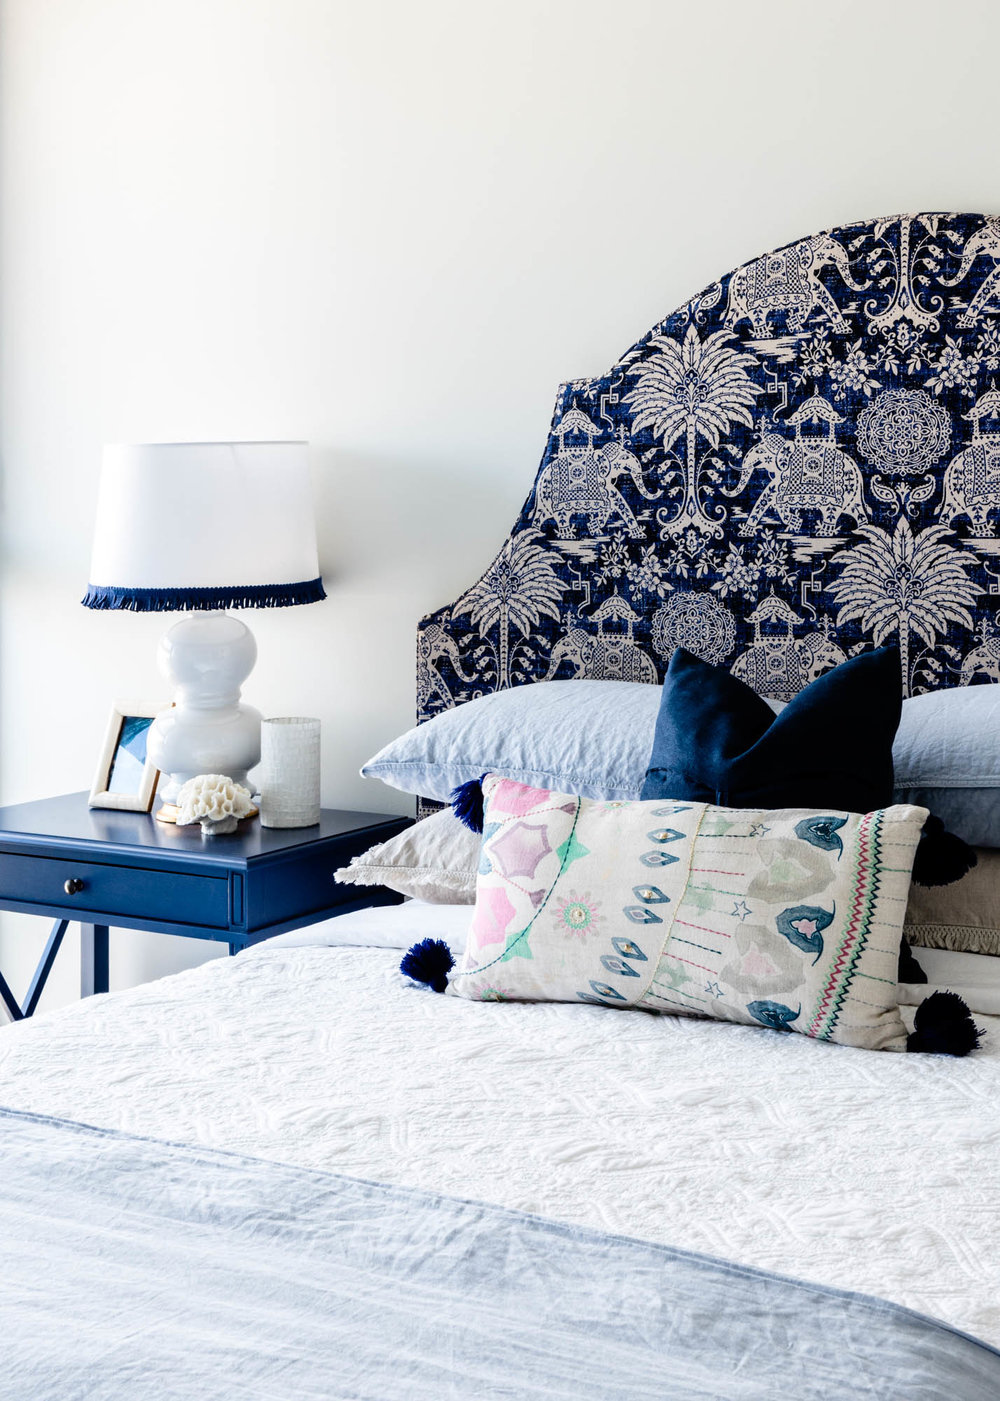 Web-hannah puechmarin-daryl wark-coolangatta apartment interiors-5340.jpg